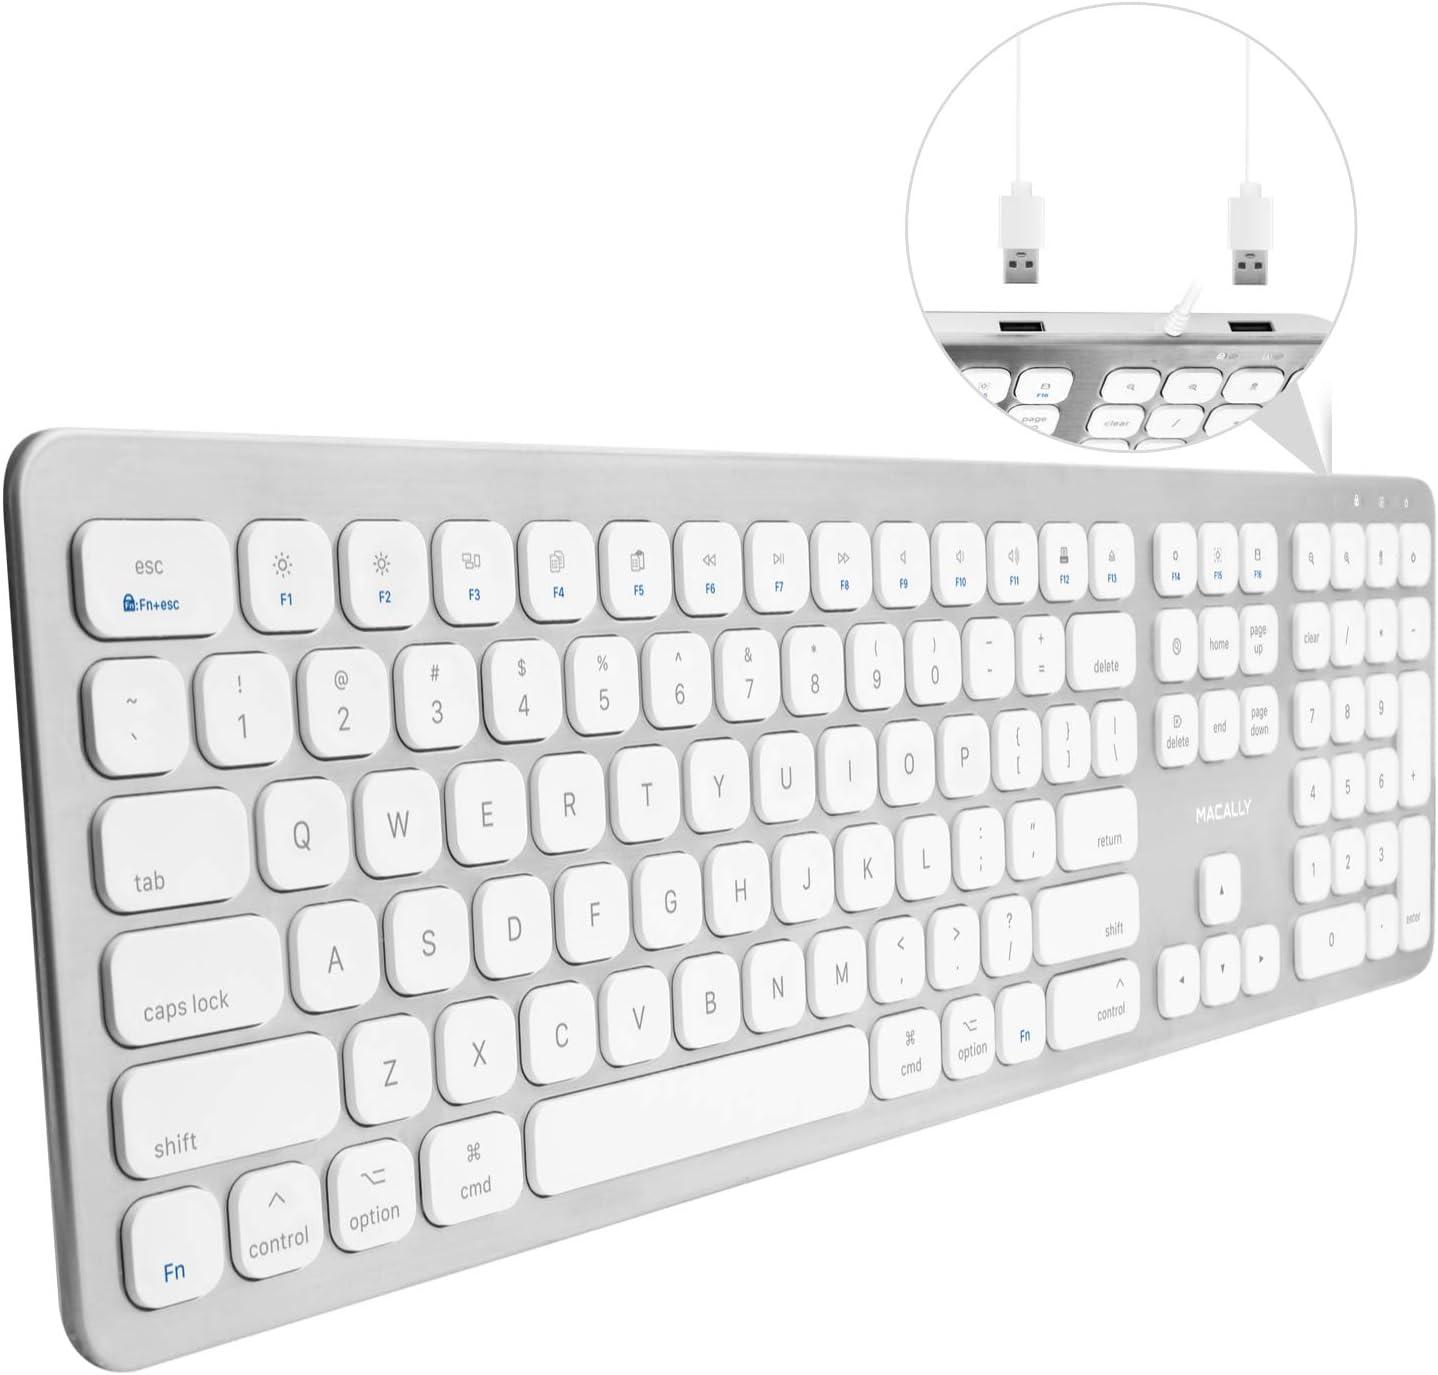 Macally WKEYHUBMB-A, teclado extendido para Mac con teclado numérico, 2 puertos USB y layout americano QWERTY, USB-A, diseño de aluminio